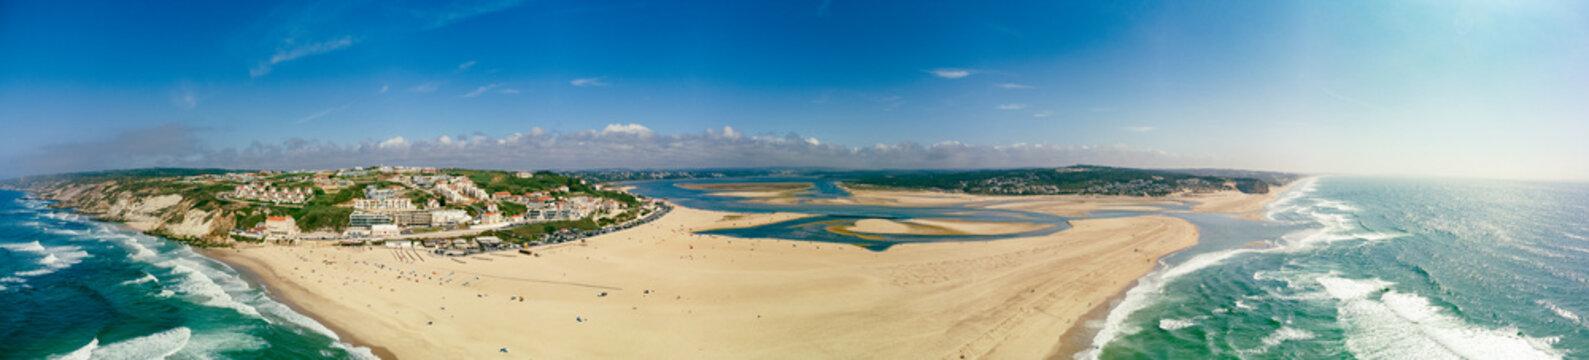 Aerial view of Foz do Arelho beach during summer, Portugal